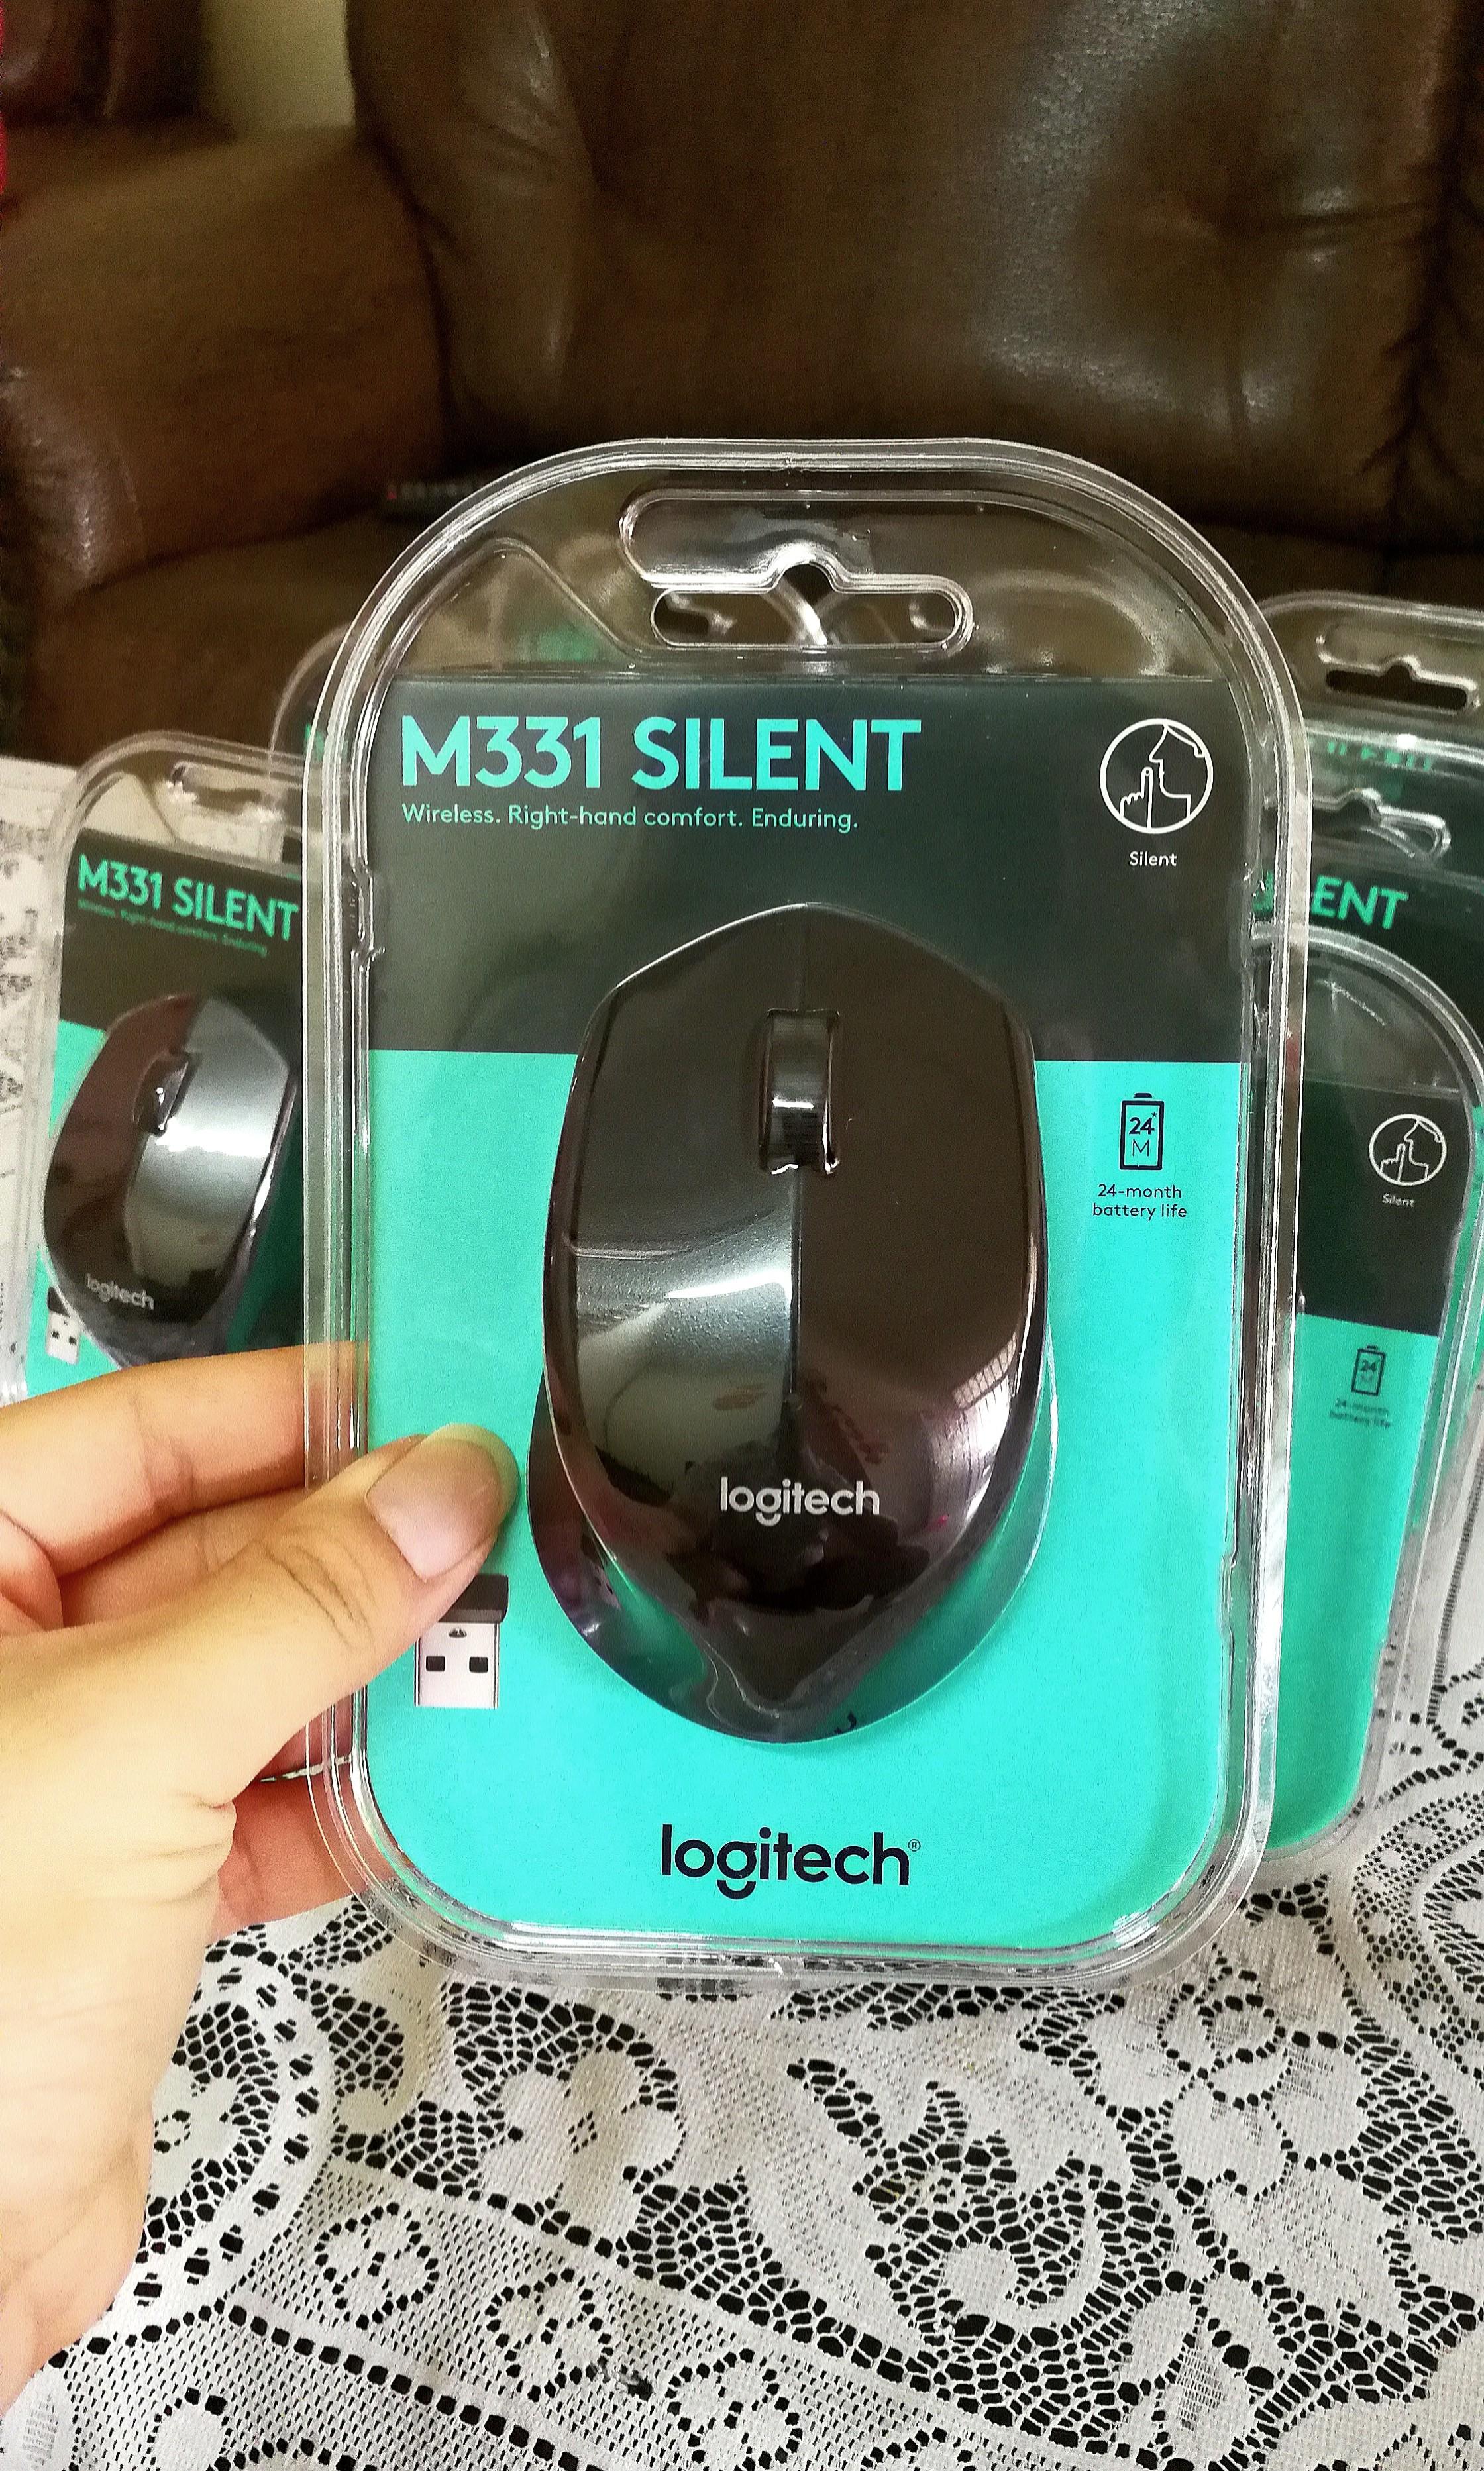 Logitech Wireless Mouse M331 Silent Plus Original Black Spec Dan Wireles M 331 Replace M280 Mouseblack Color Electronics Computer Parts Accessories